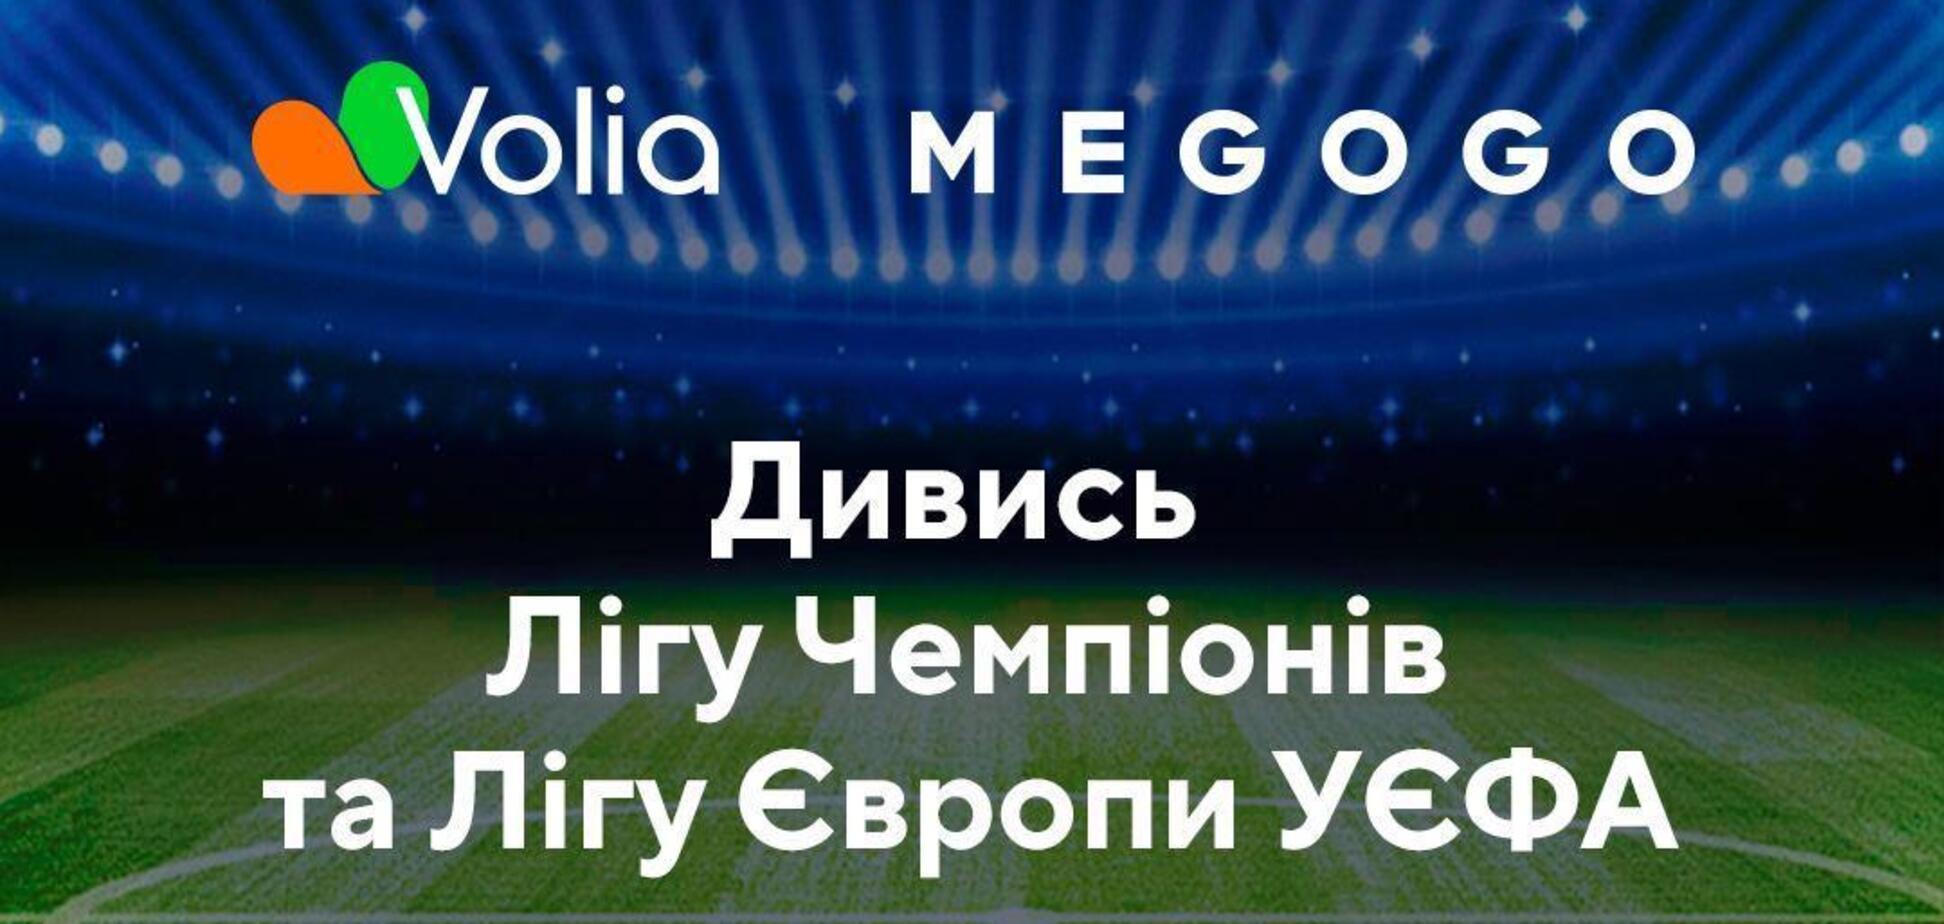 Зрители MEGOGO и Volia единственные в Украине смогут увидеть трансляцию некоторых событий в формате 4К